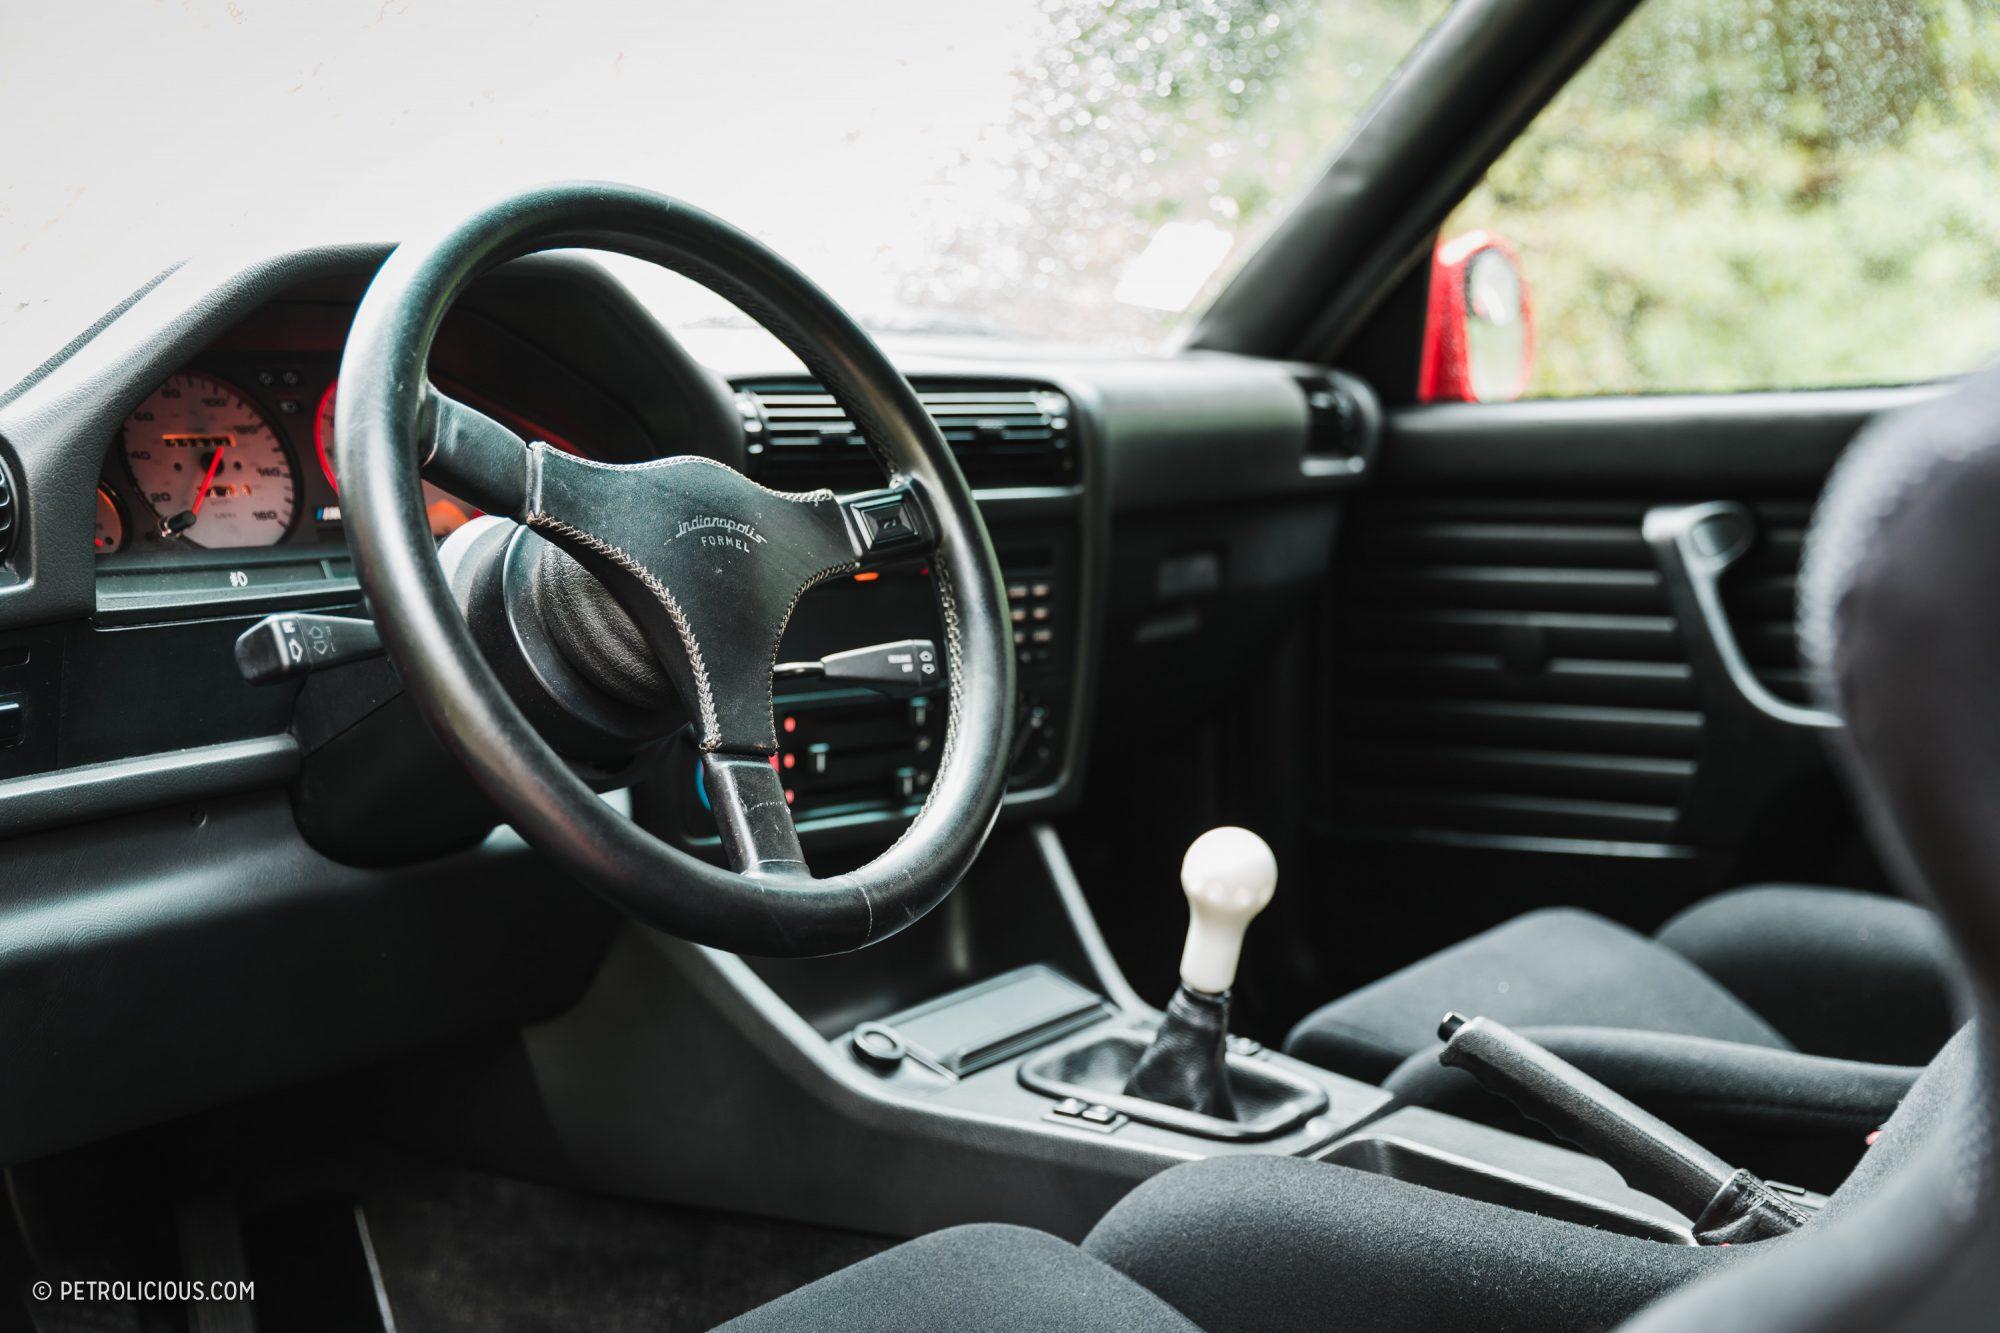 Daniel-Piker-John-Zubarek-Hennarot-BMW-E30-M3-21-2000x1333.jpg